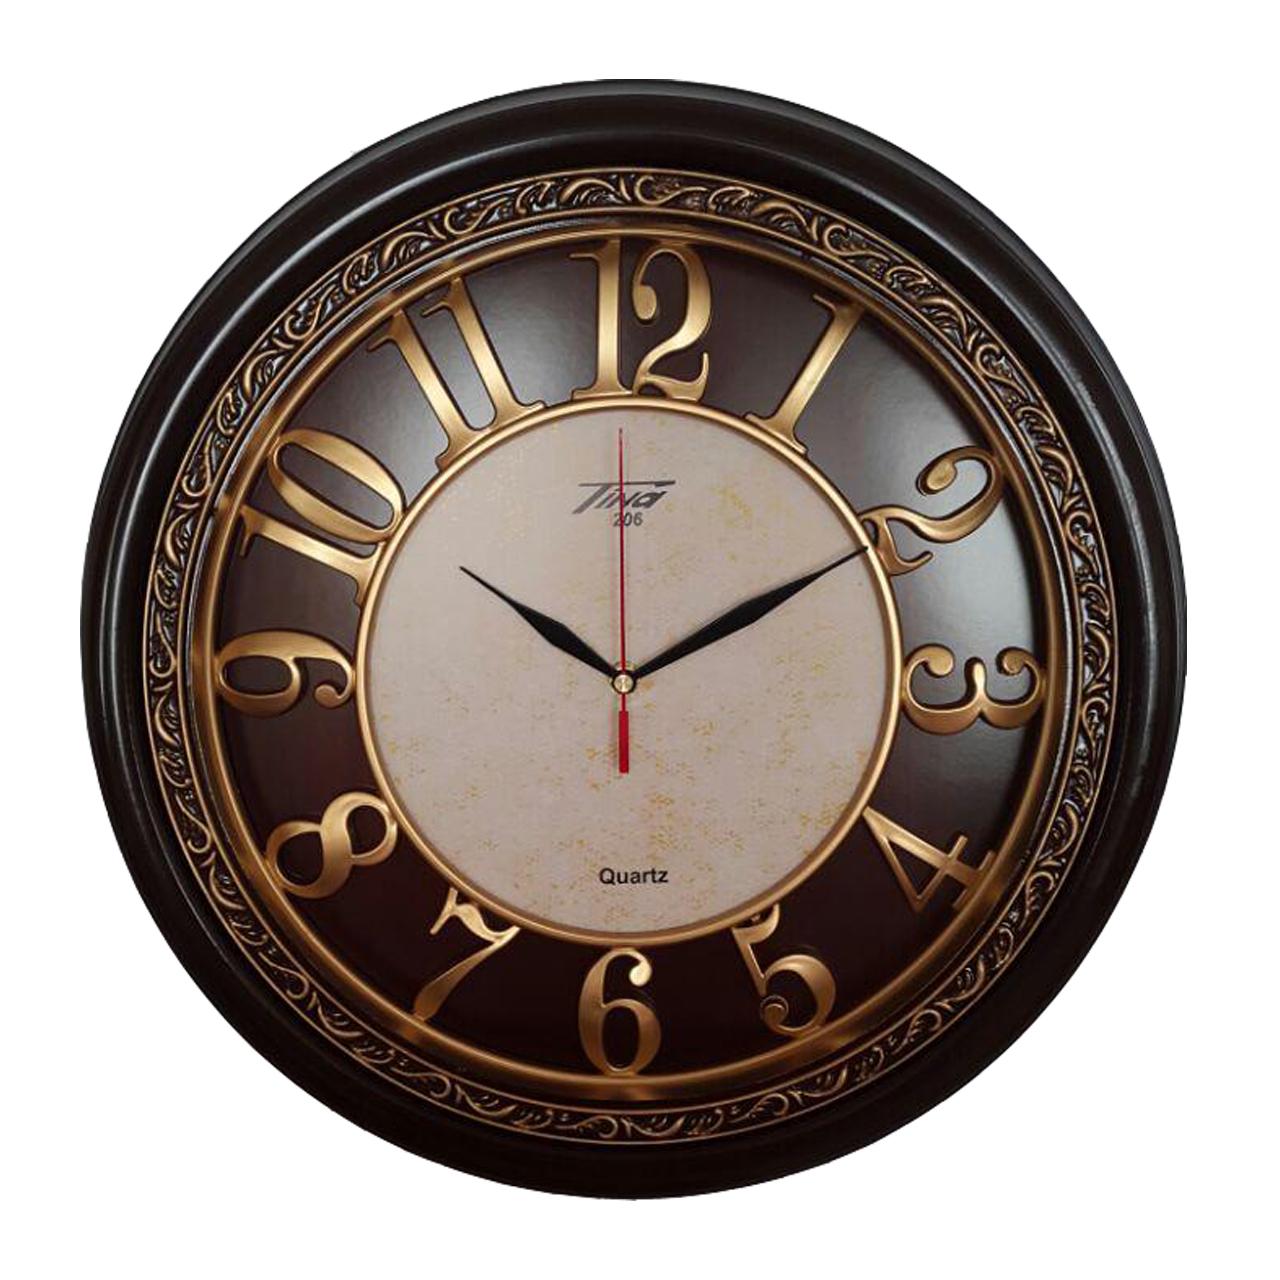 خرید ساعت دیواری تینا مدل 206 به همراه هدیه سرسوئیچی ویکتوریا